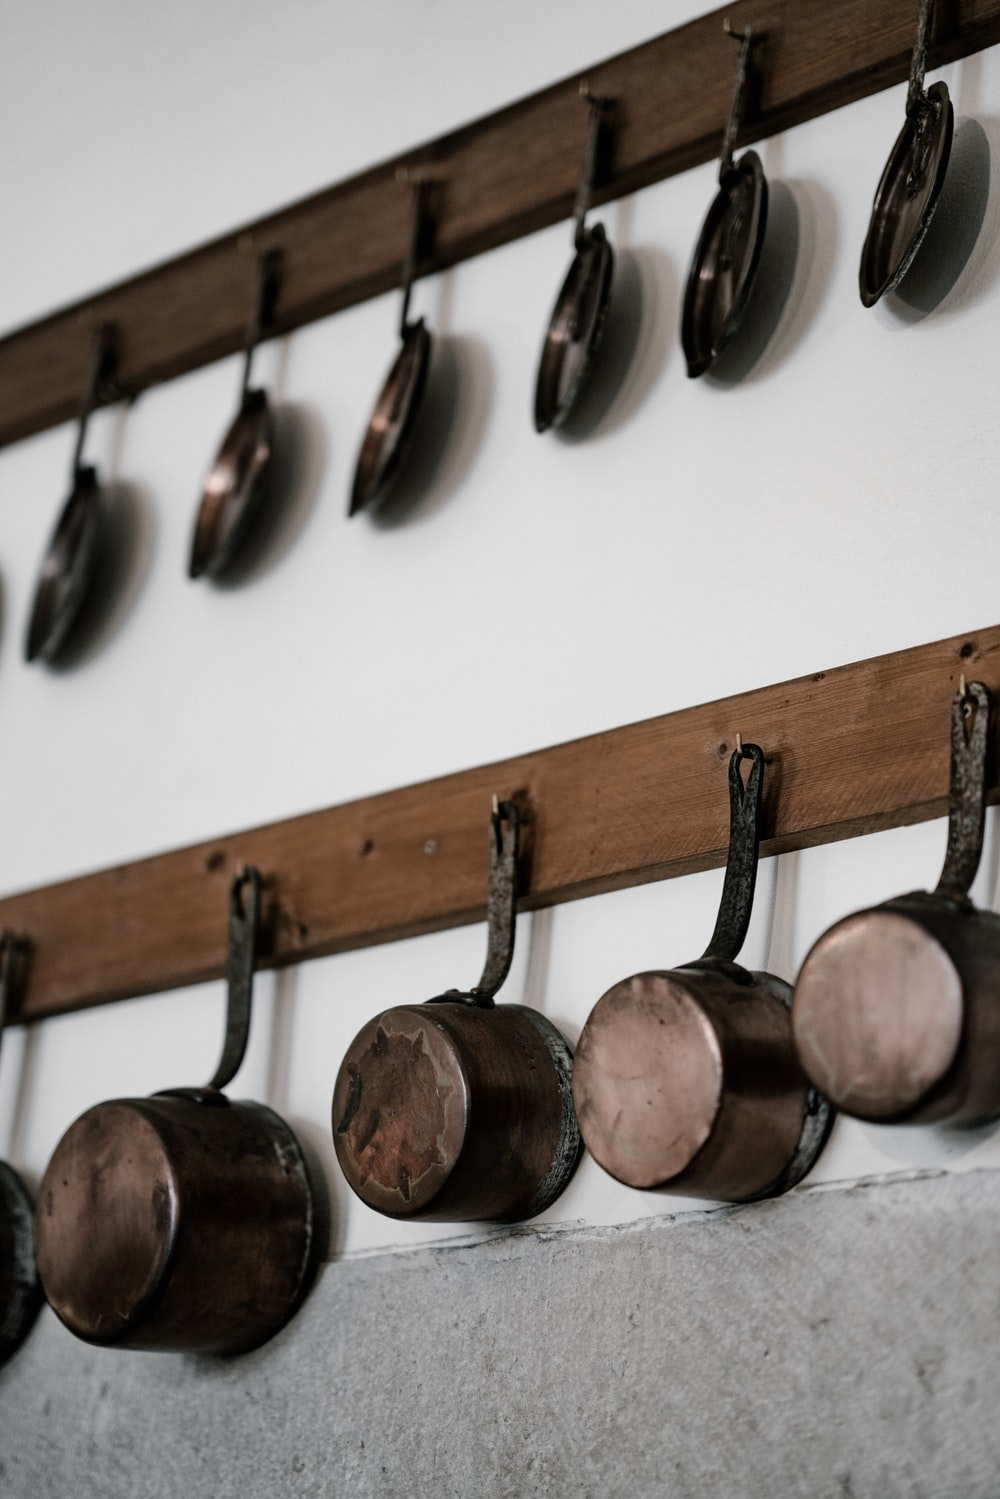 frying pan and saucepan in rack